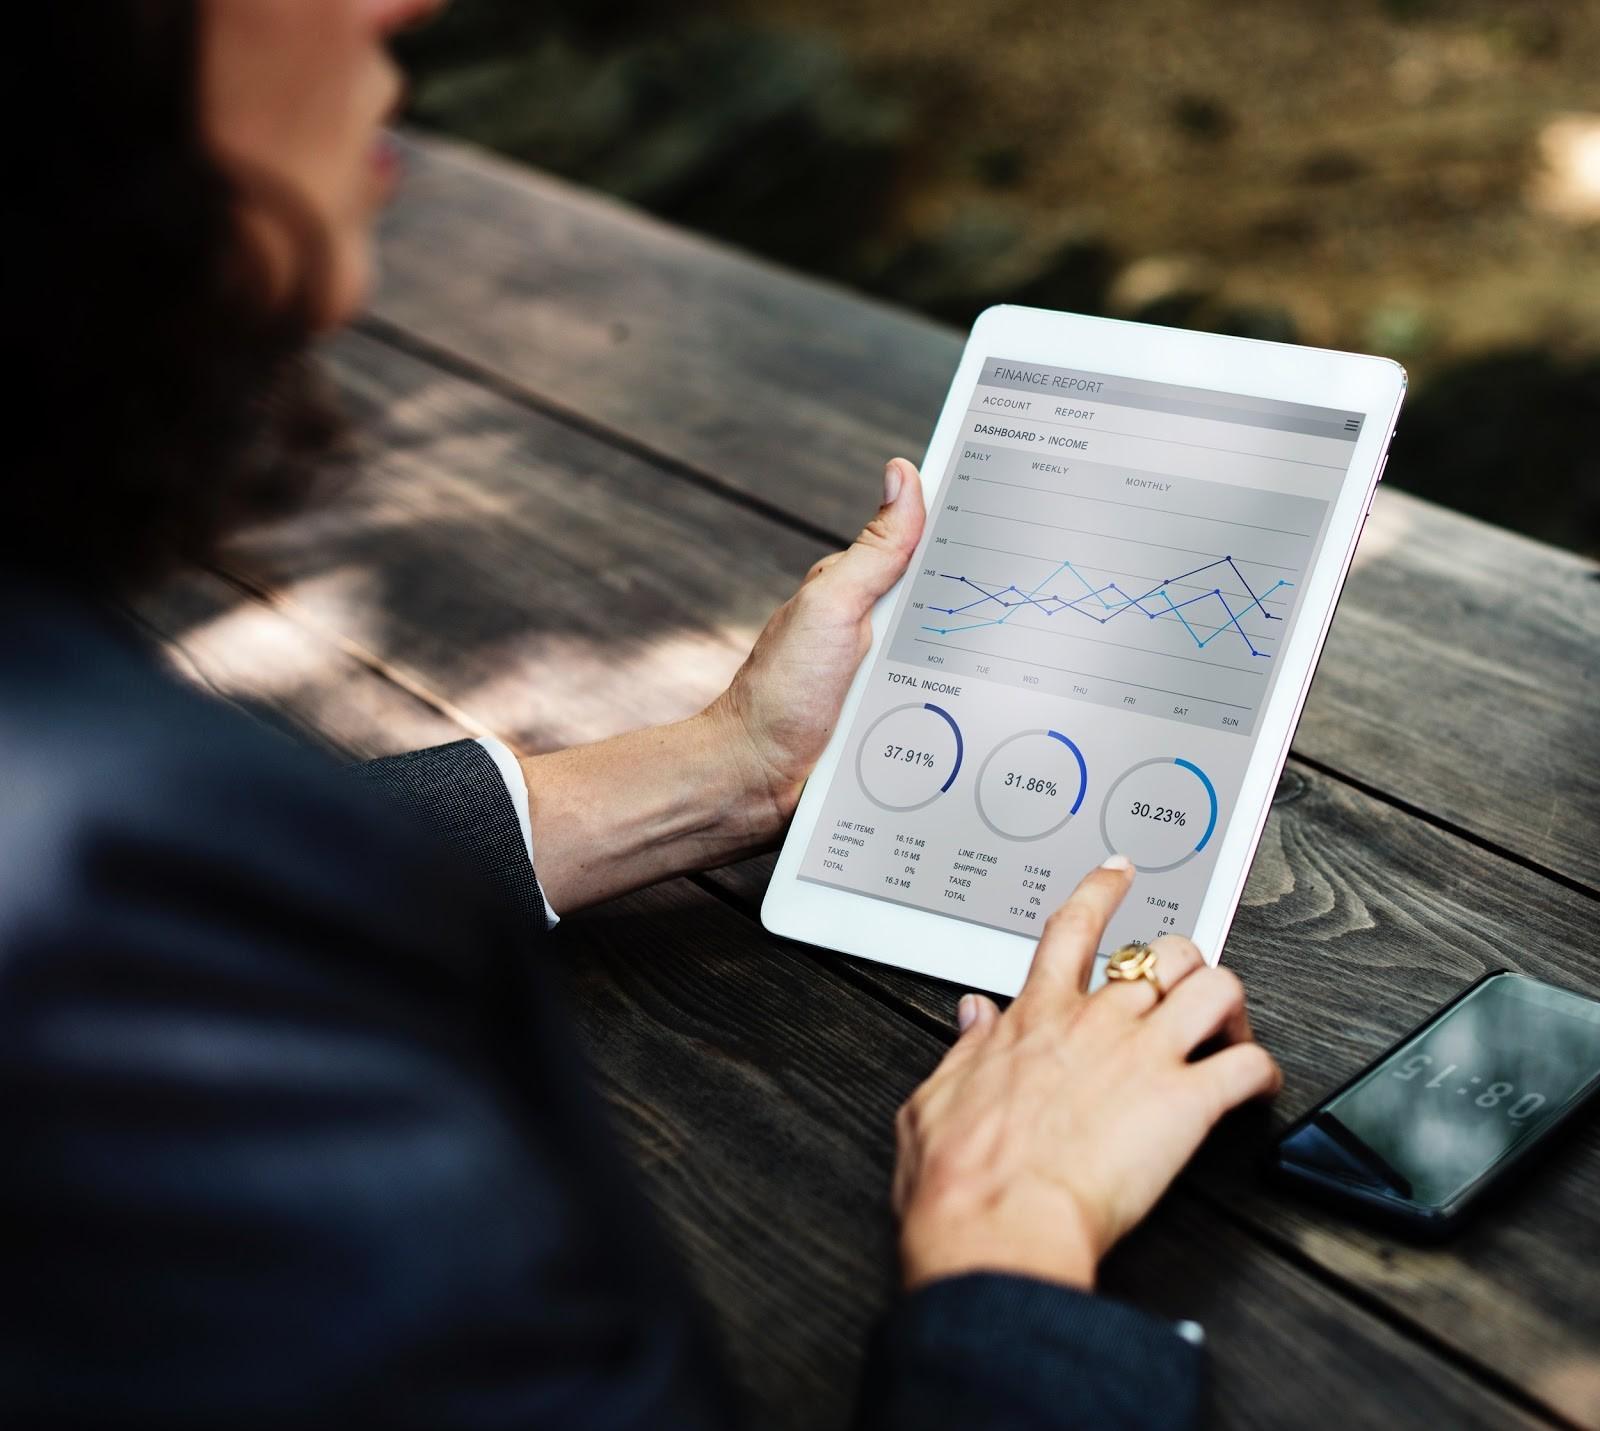 Sinistralidade: 2 programas que vão te ajudar no gerenciamento do plano de saúde empresarial